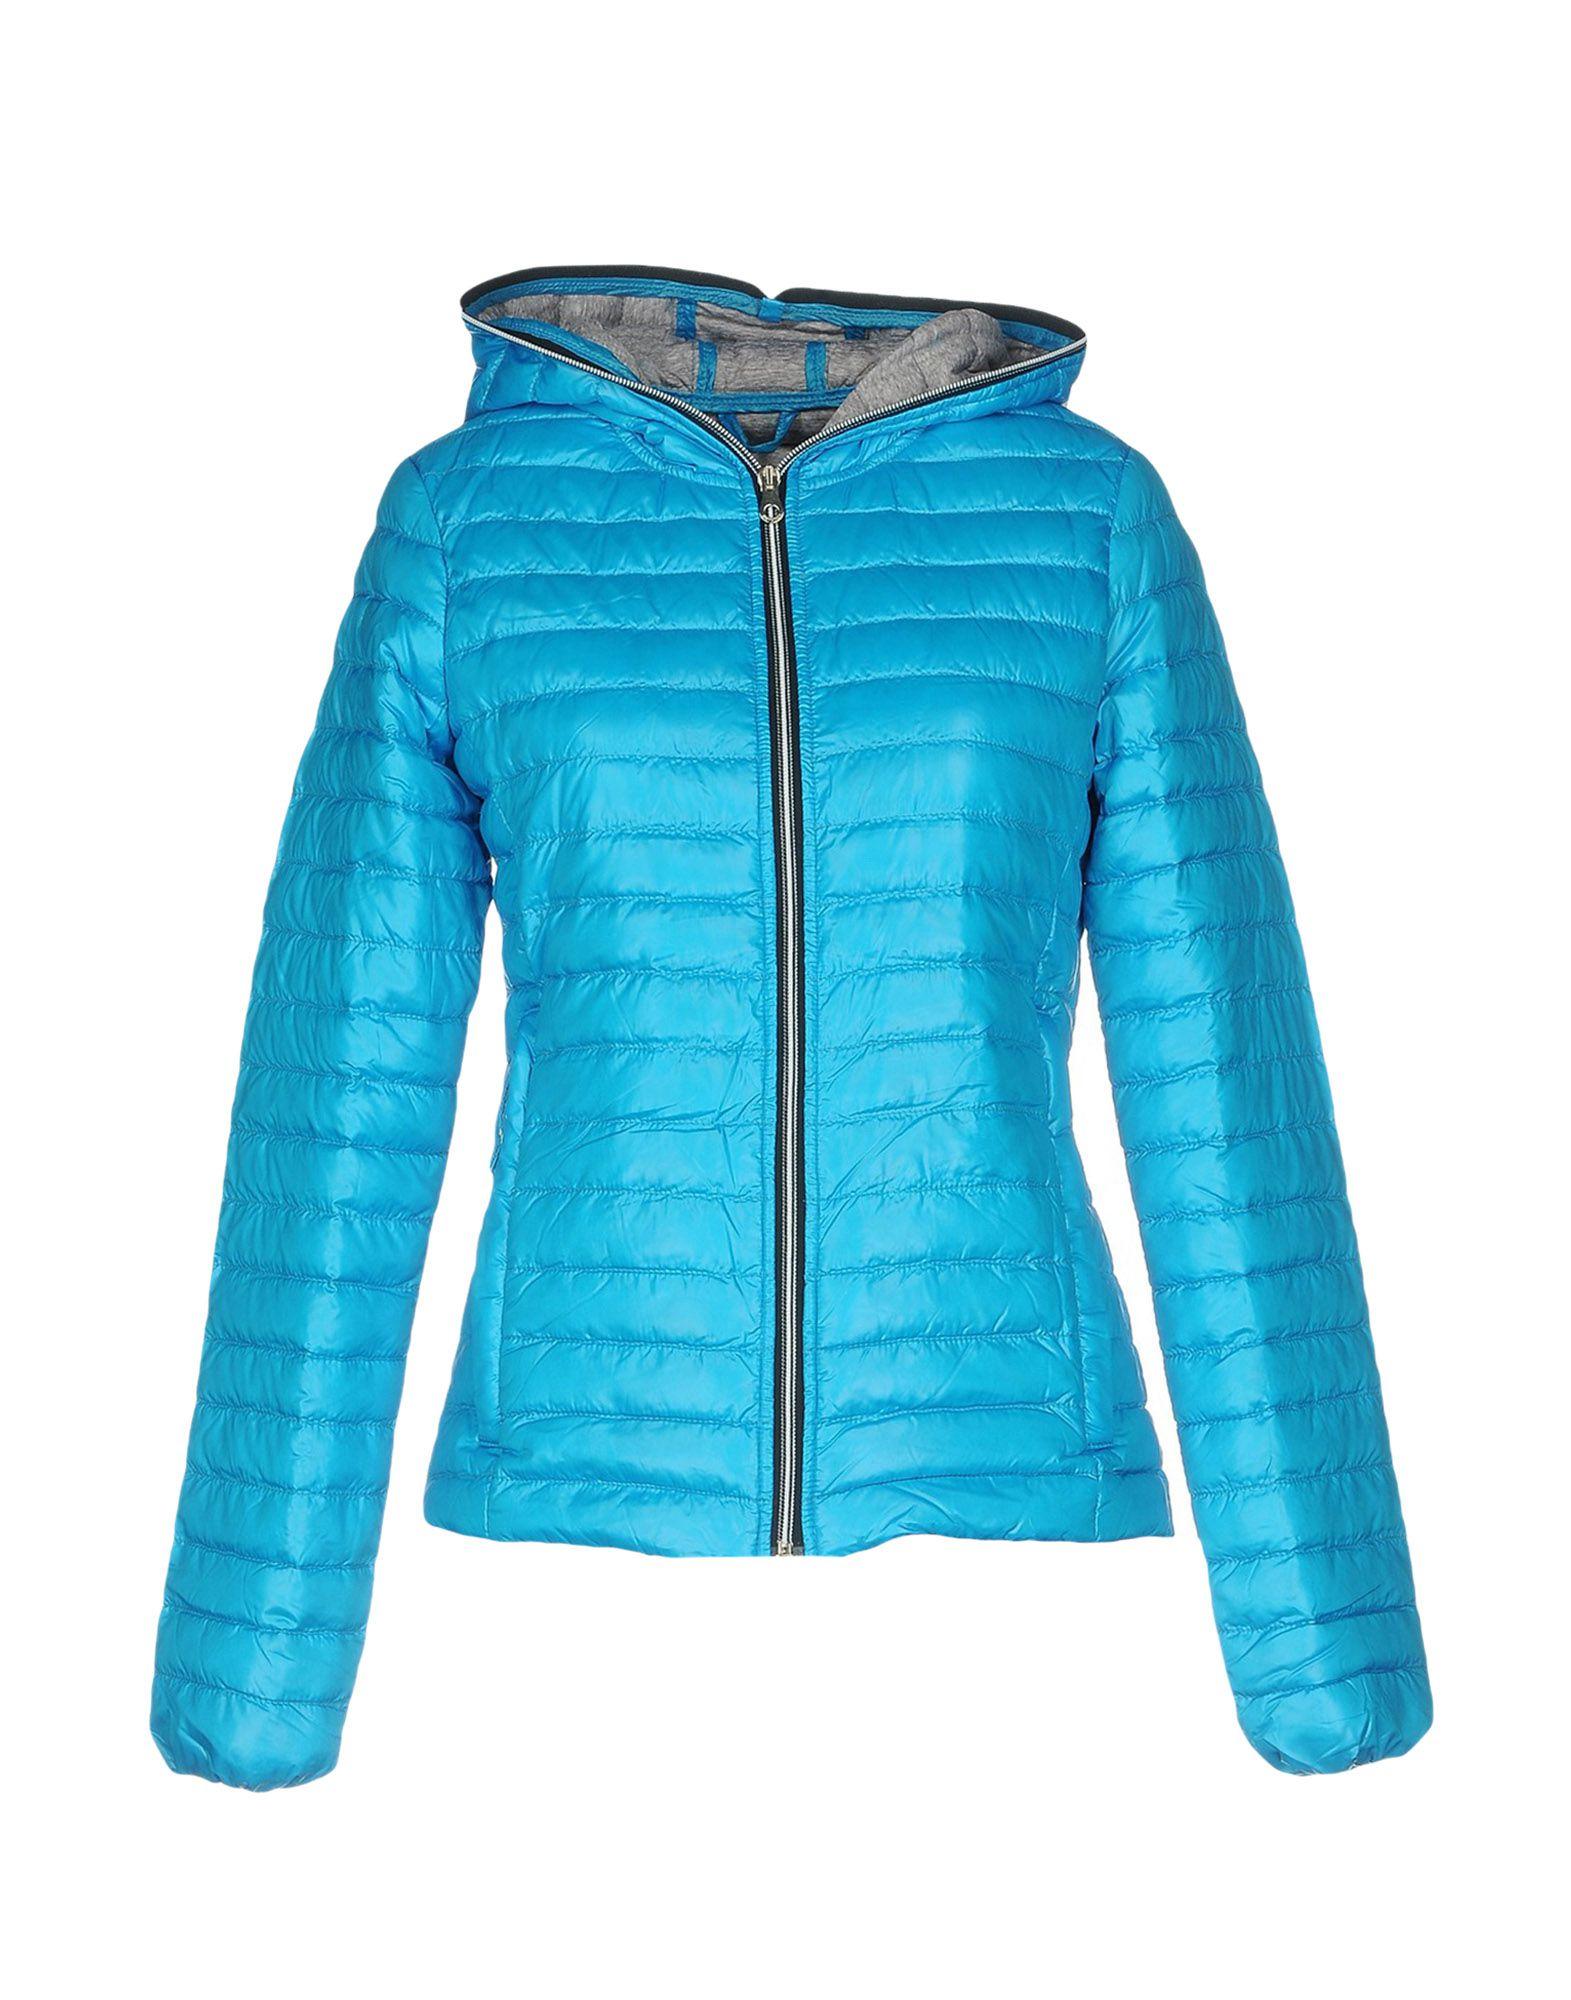 DUVETICA Damen Steppjacke Farbe Azurblau Größe 2 jetztbilligerkaufen